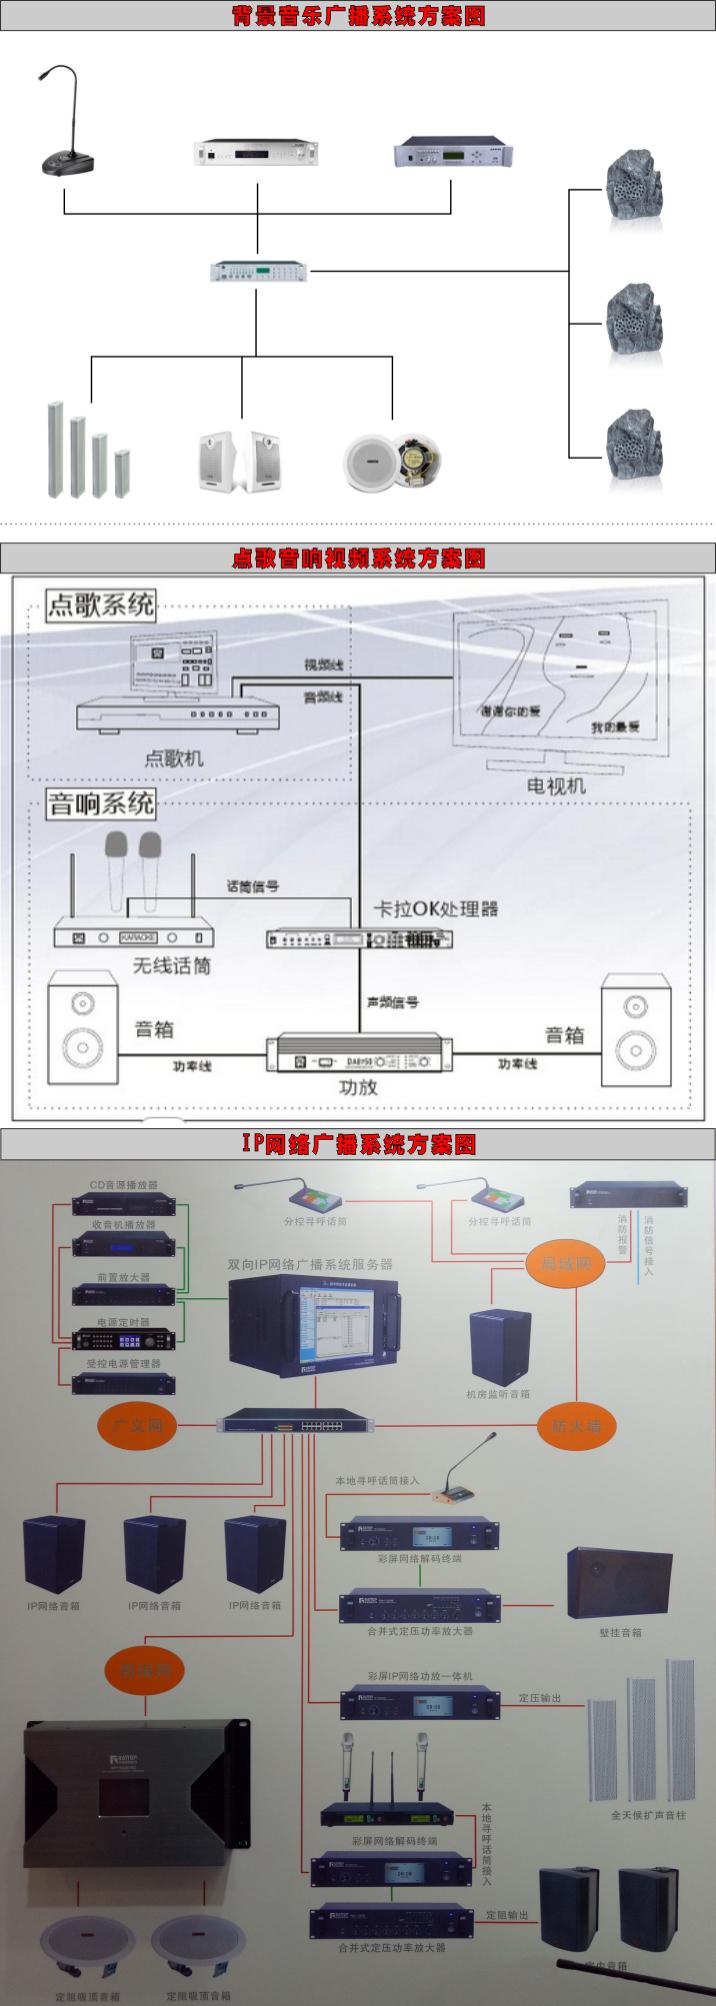 音响广播系统方案图